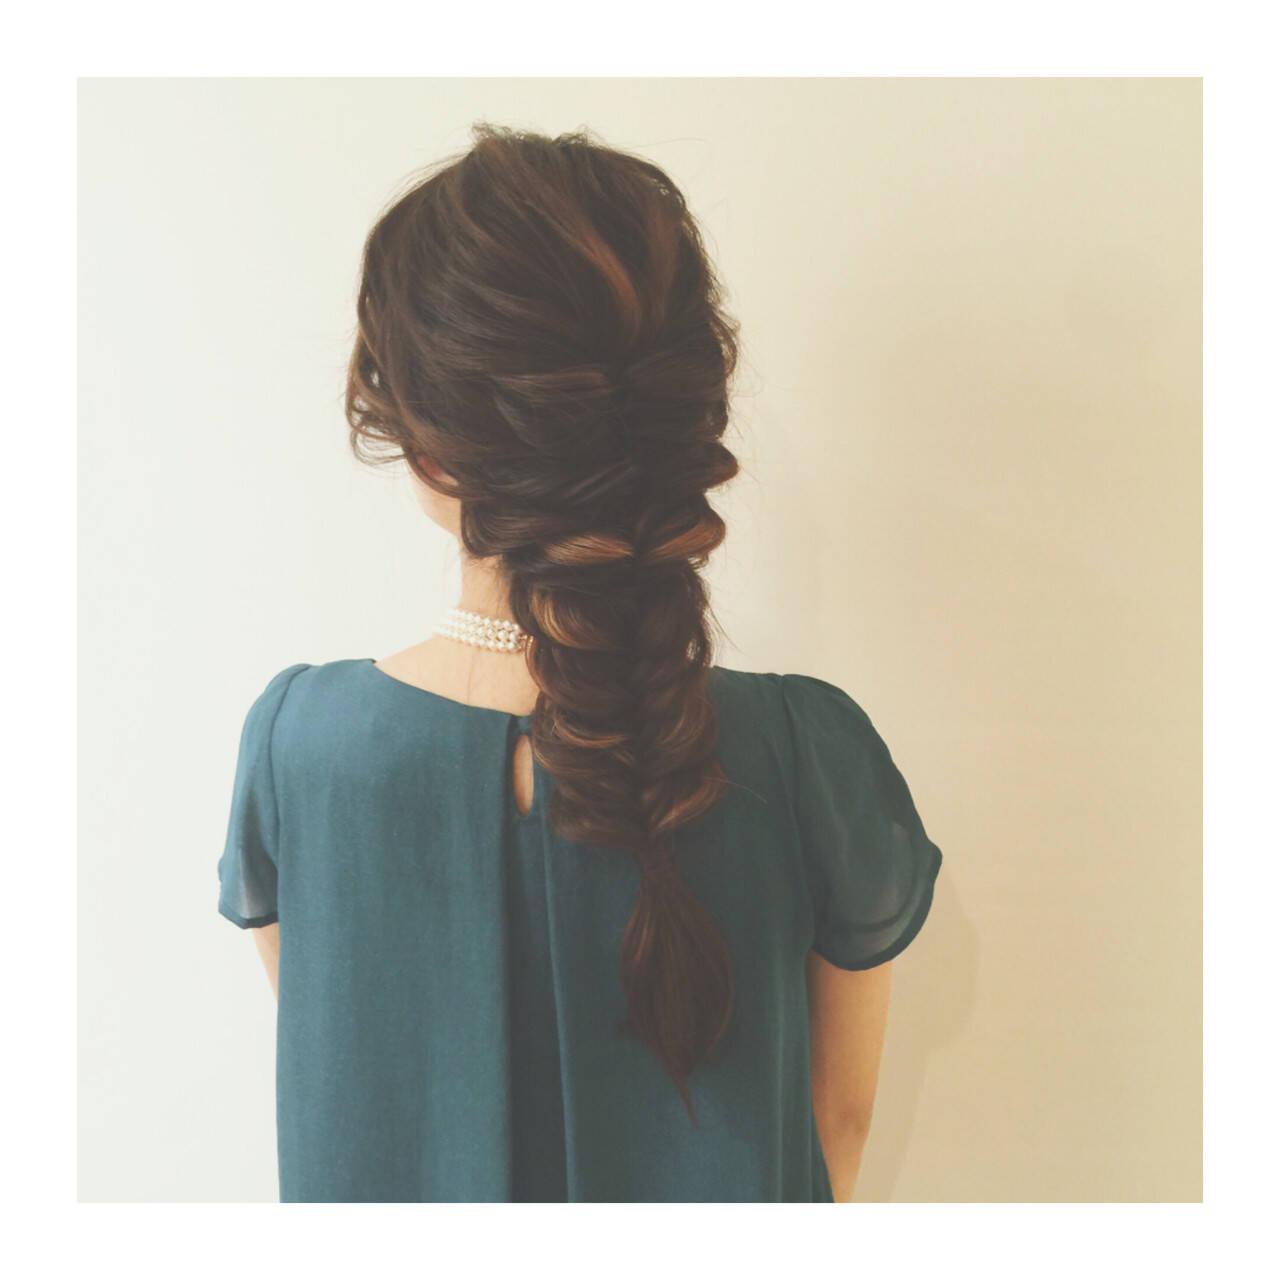 ショート ロング ハーフアップ ヘアアレンジヘアスタイルや髪型の写真・画像